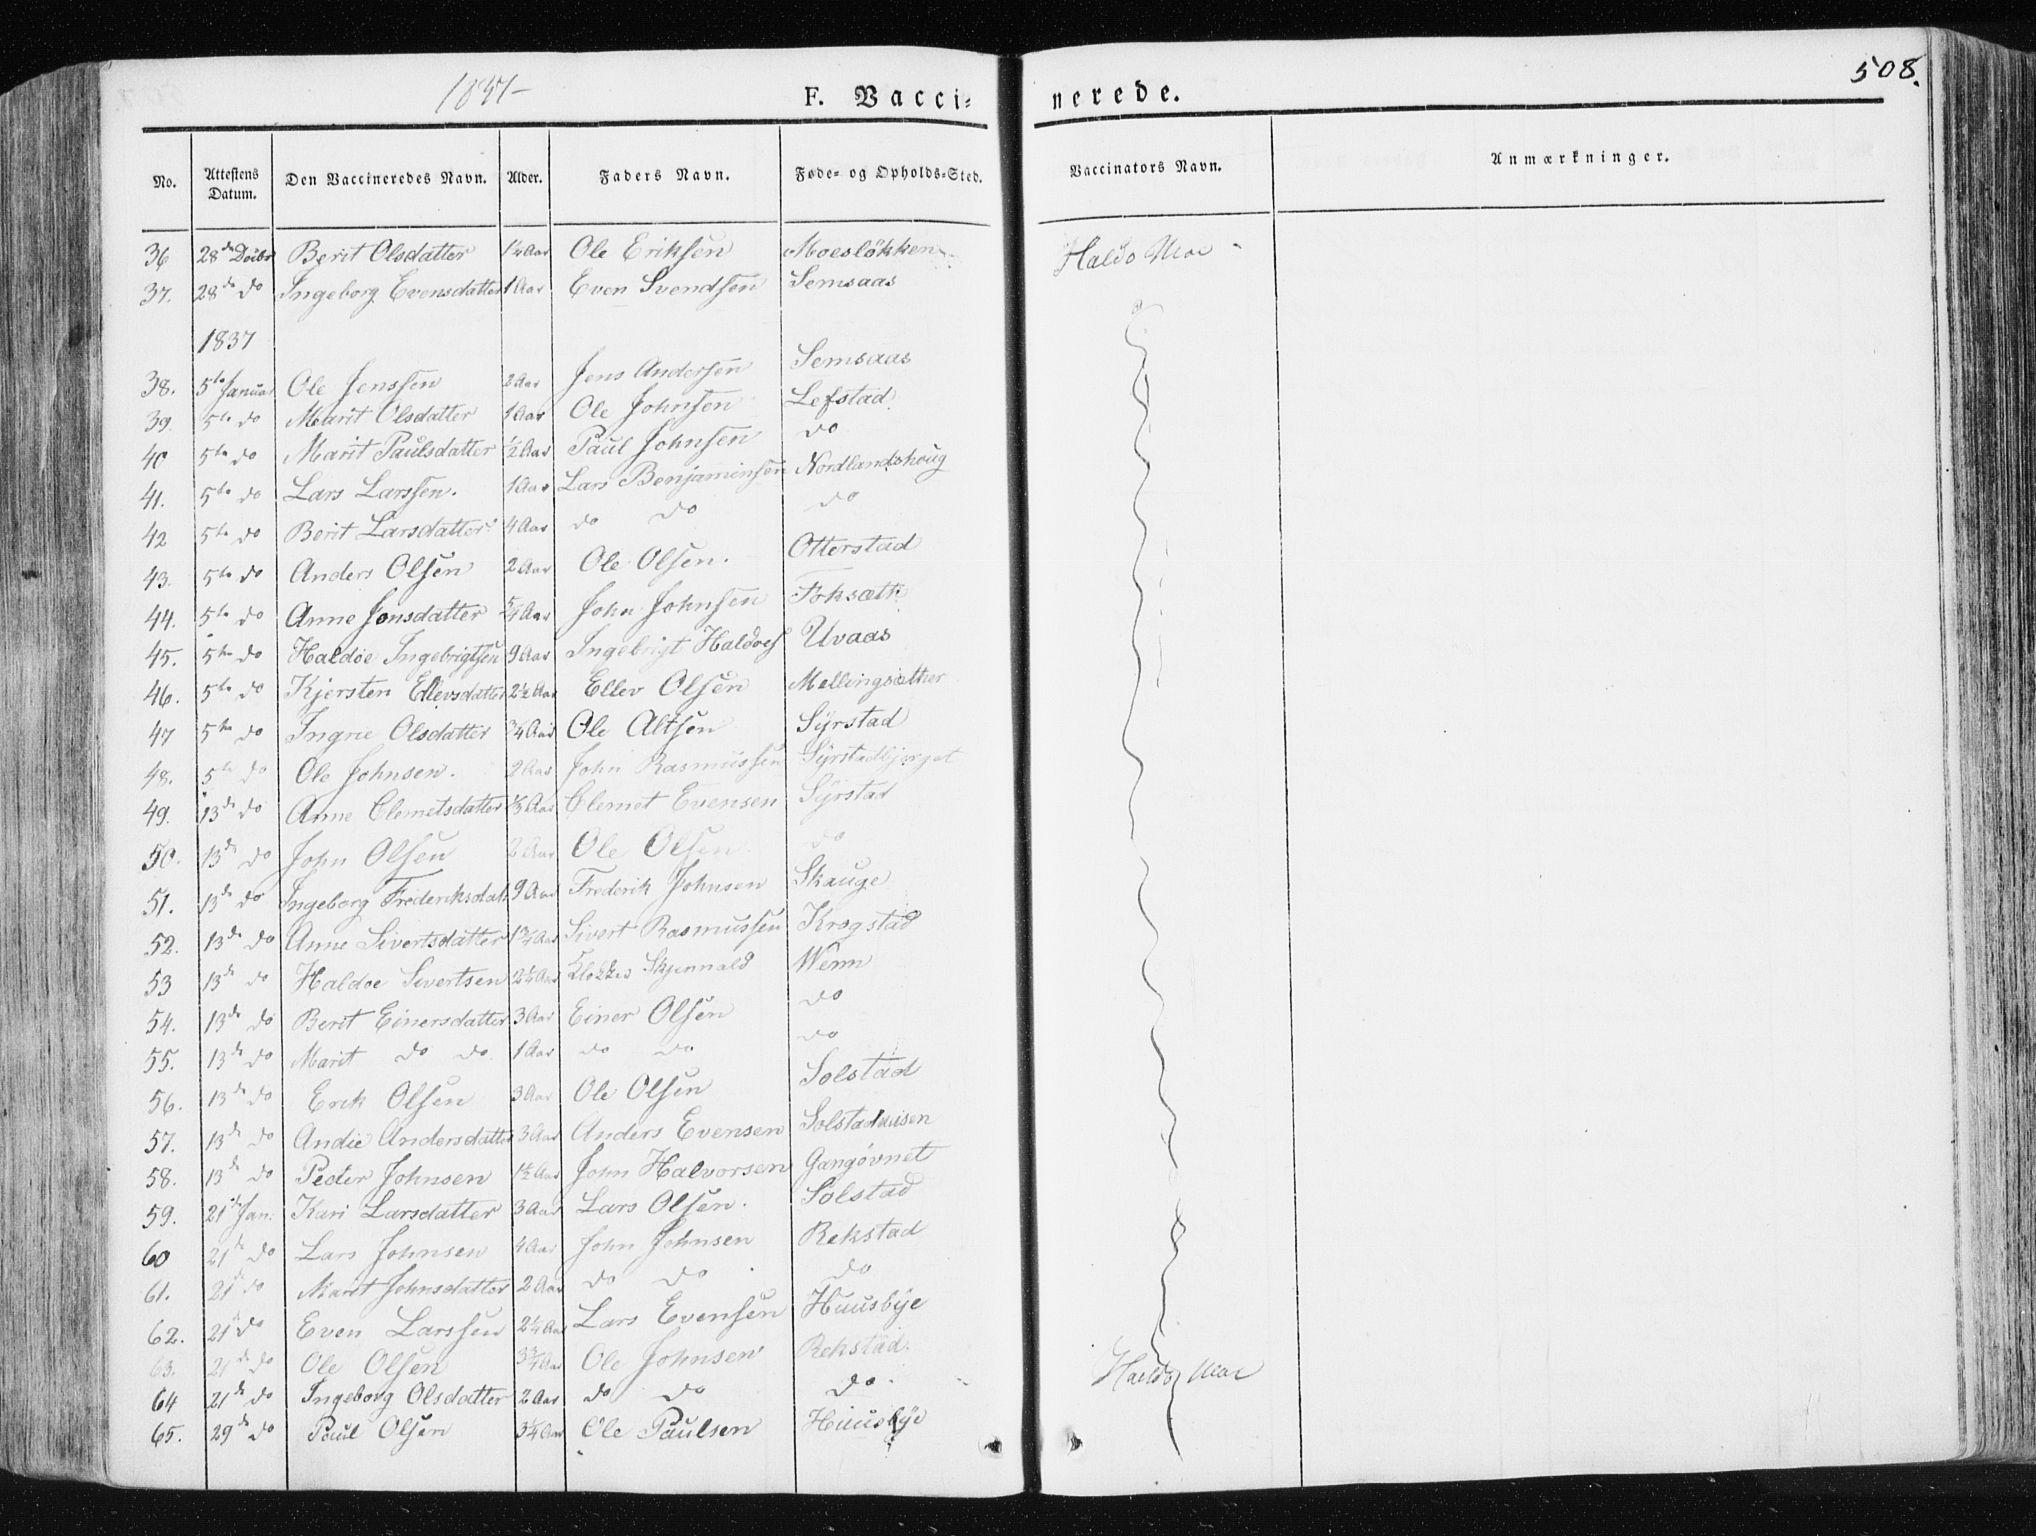 SAT, Ministerialprotokoller, klokkerbøker og fødselsregistre - Sør-Trøndelag, 665/L0771: Ministerialbok nr. 665A06, 1830-1856, s. 508